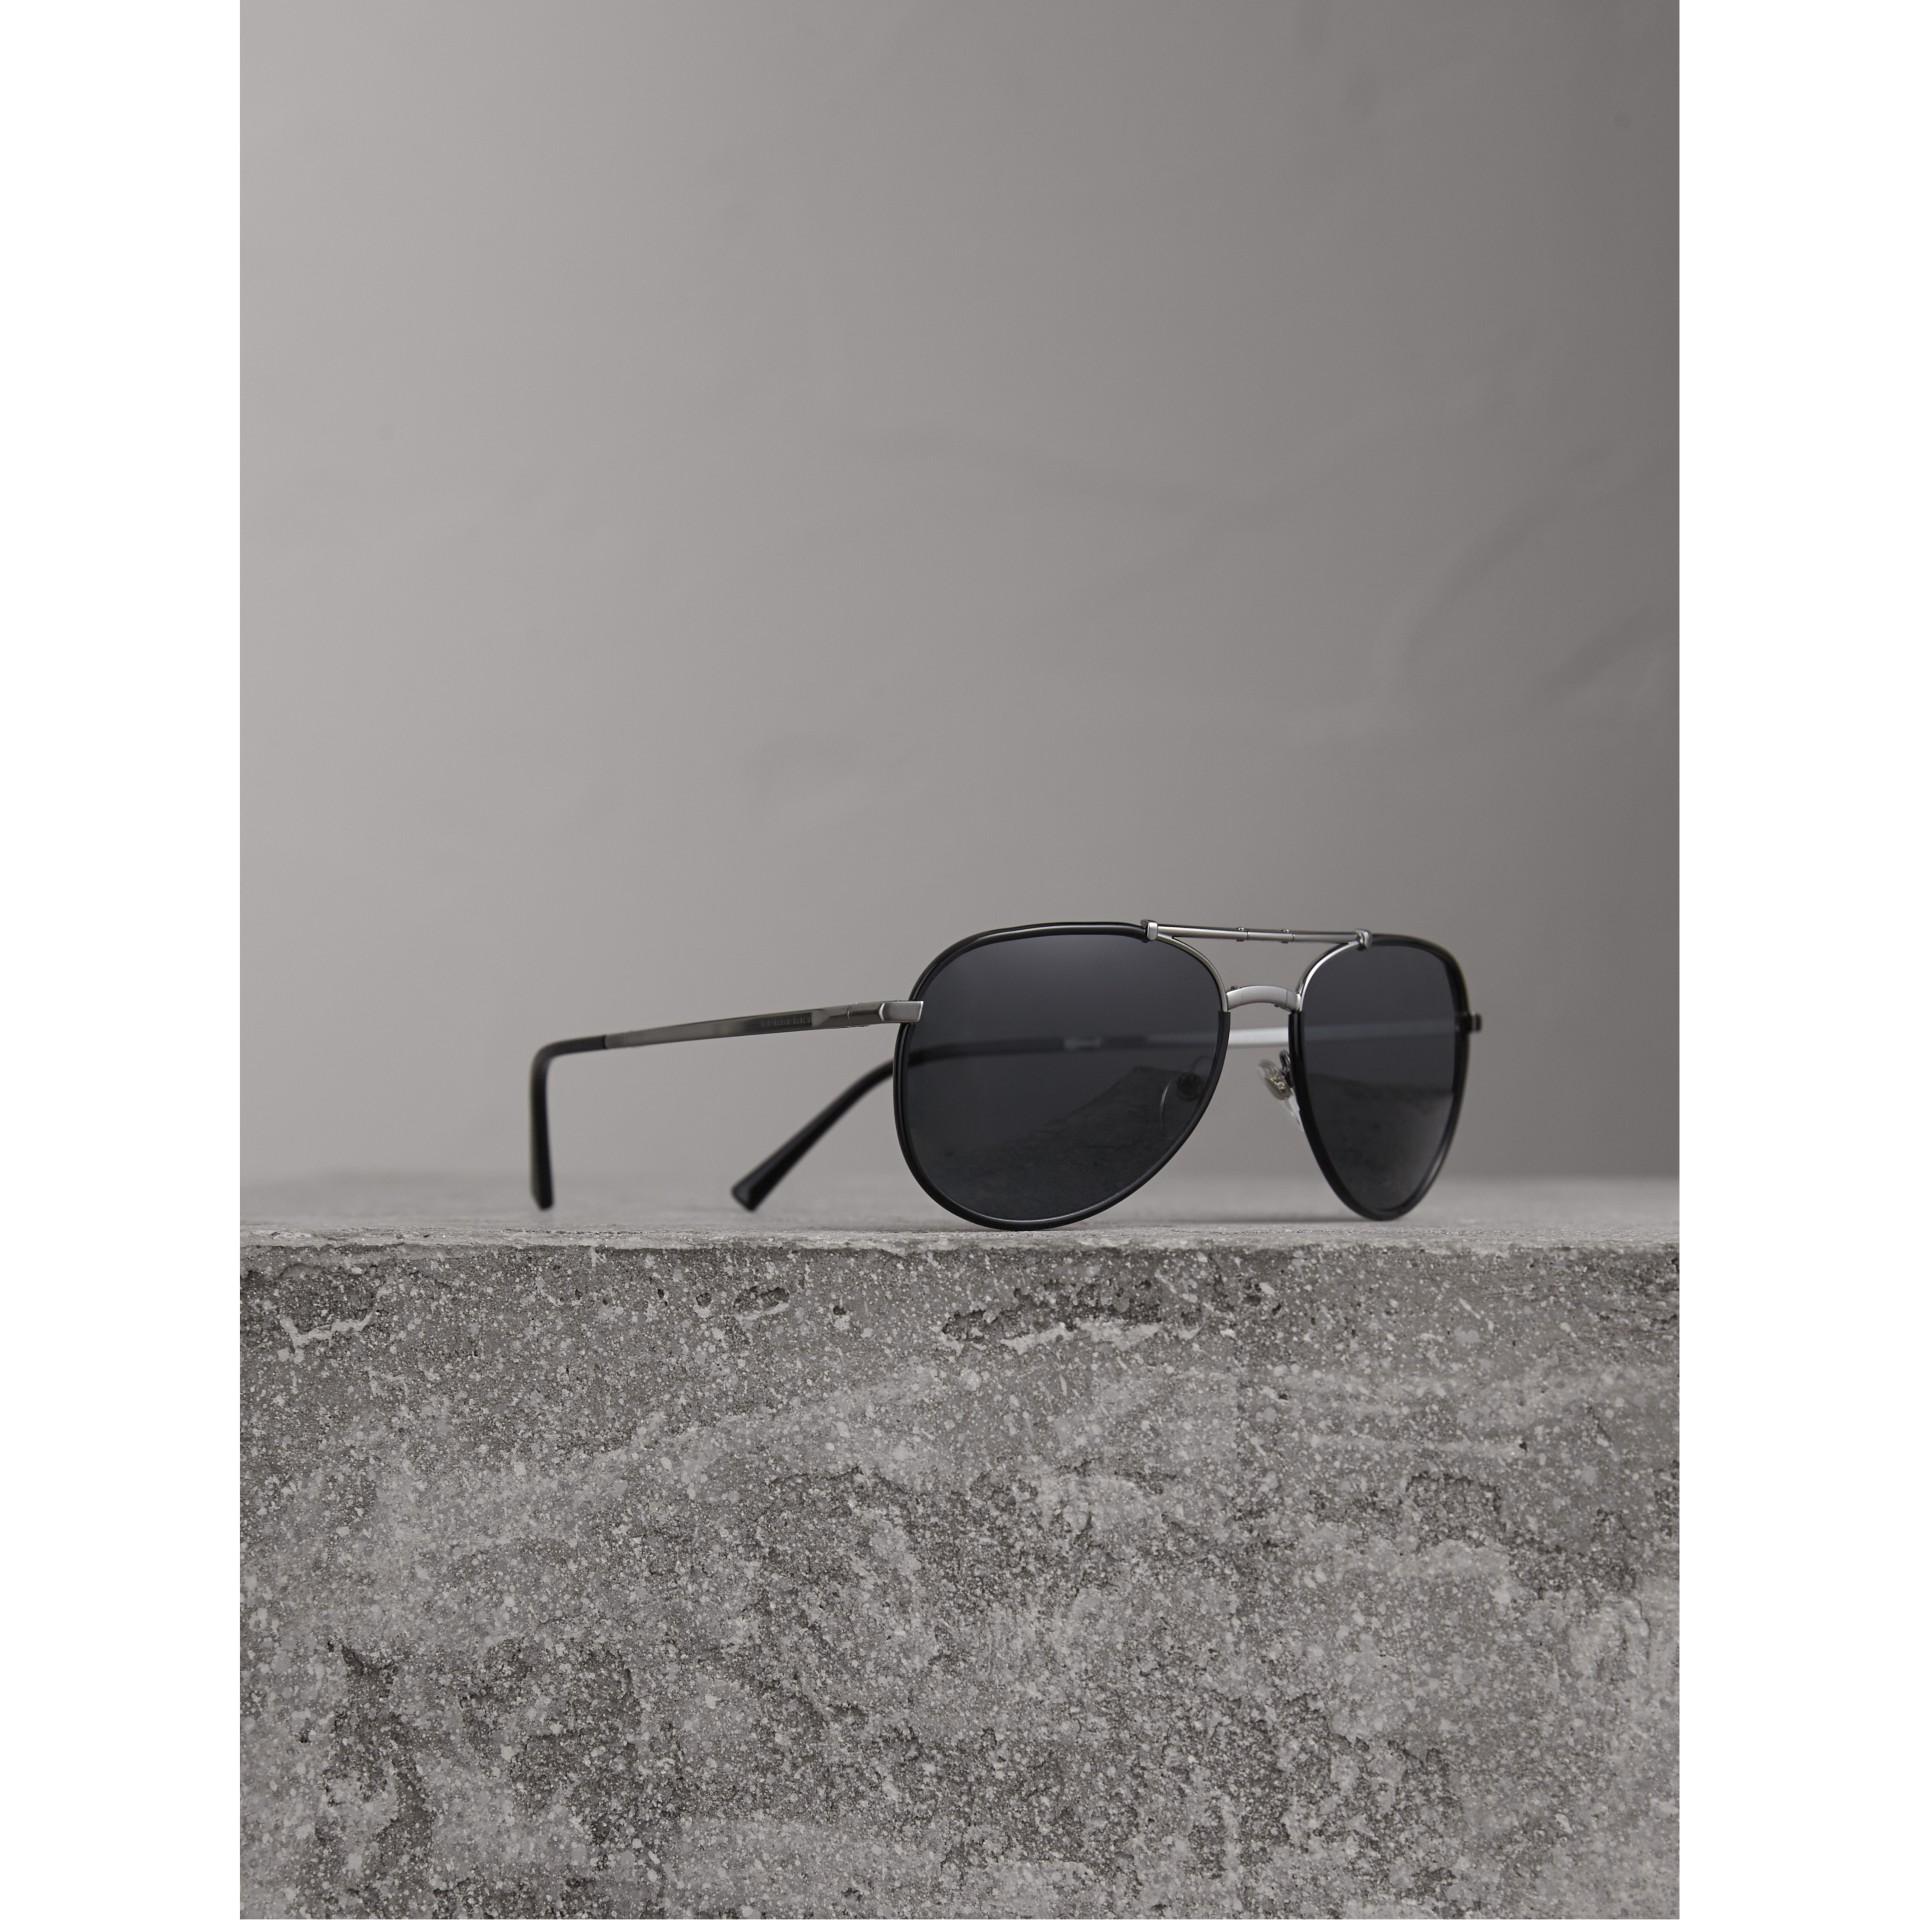 b4dd1a16a187 Burberry Men S Honey Check Aviator Sunglasses